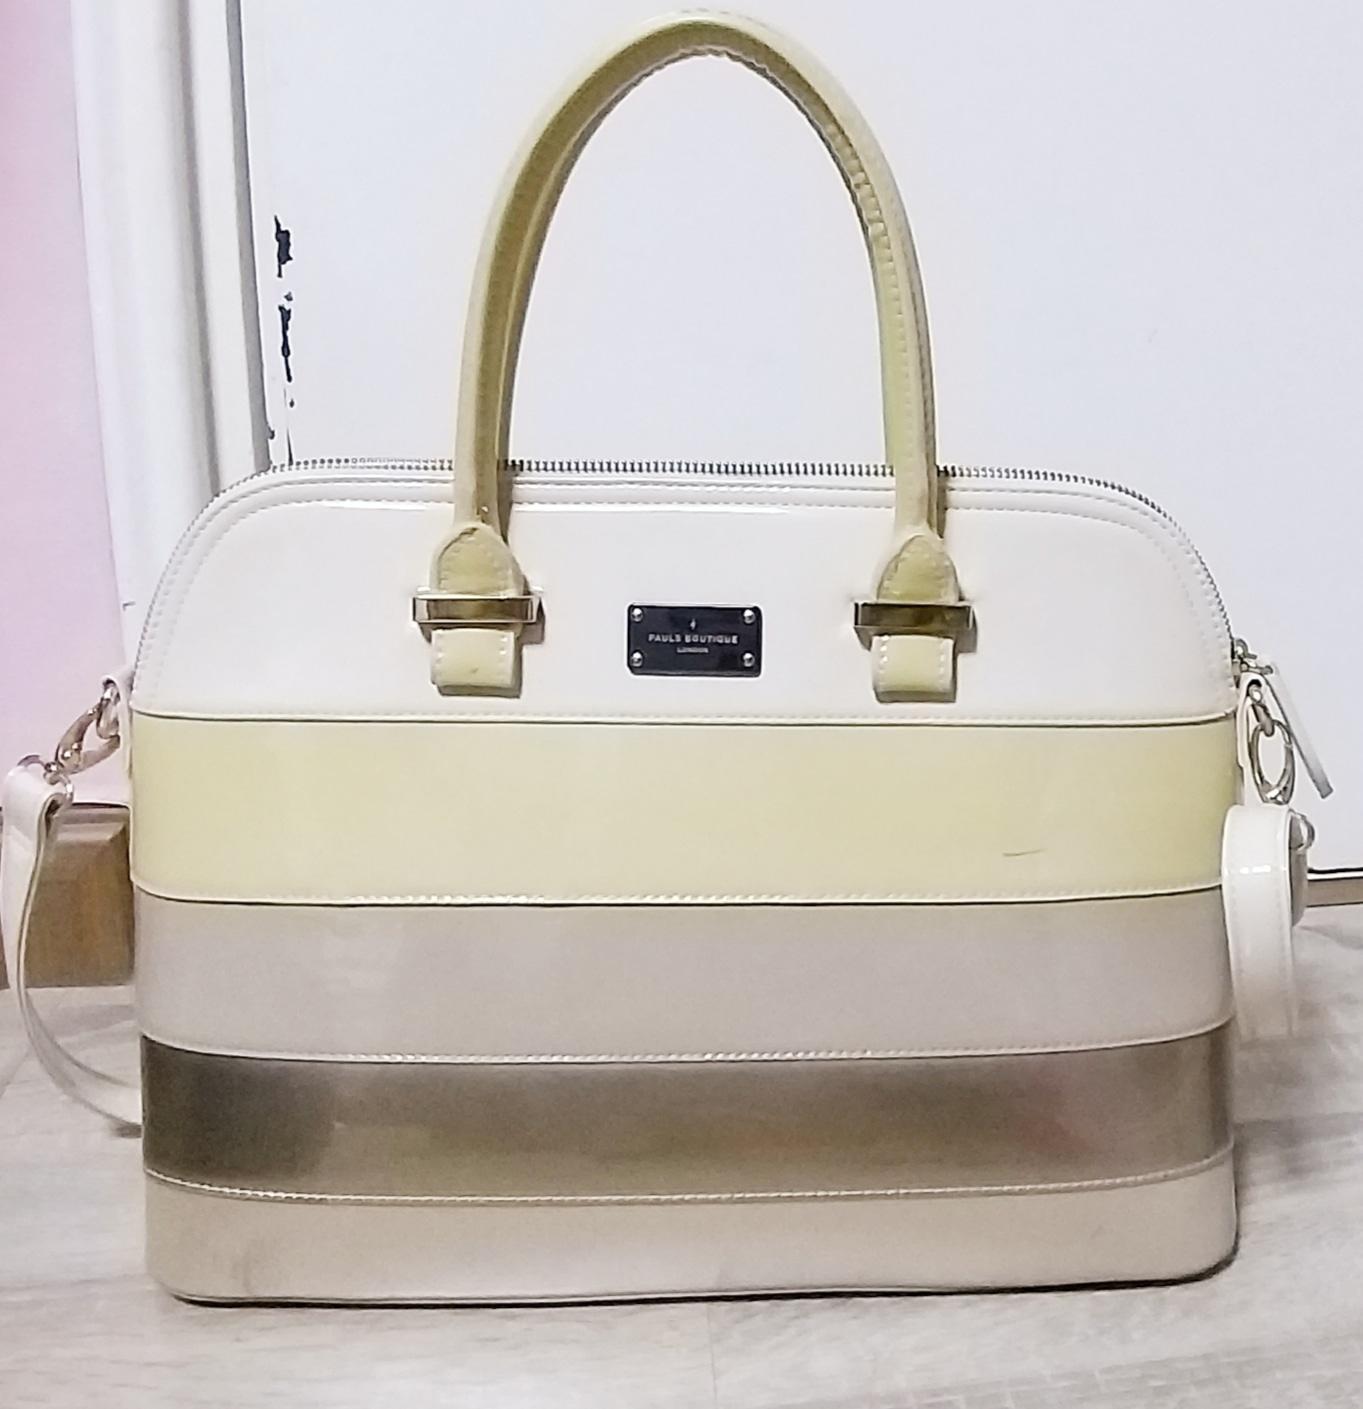 폴스부티크 가방